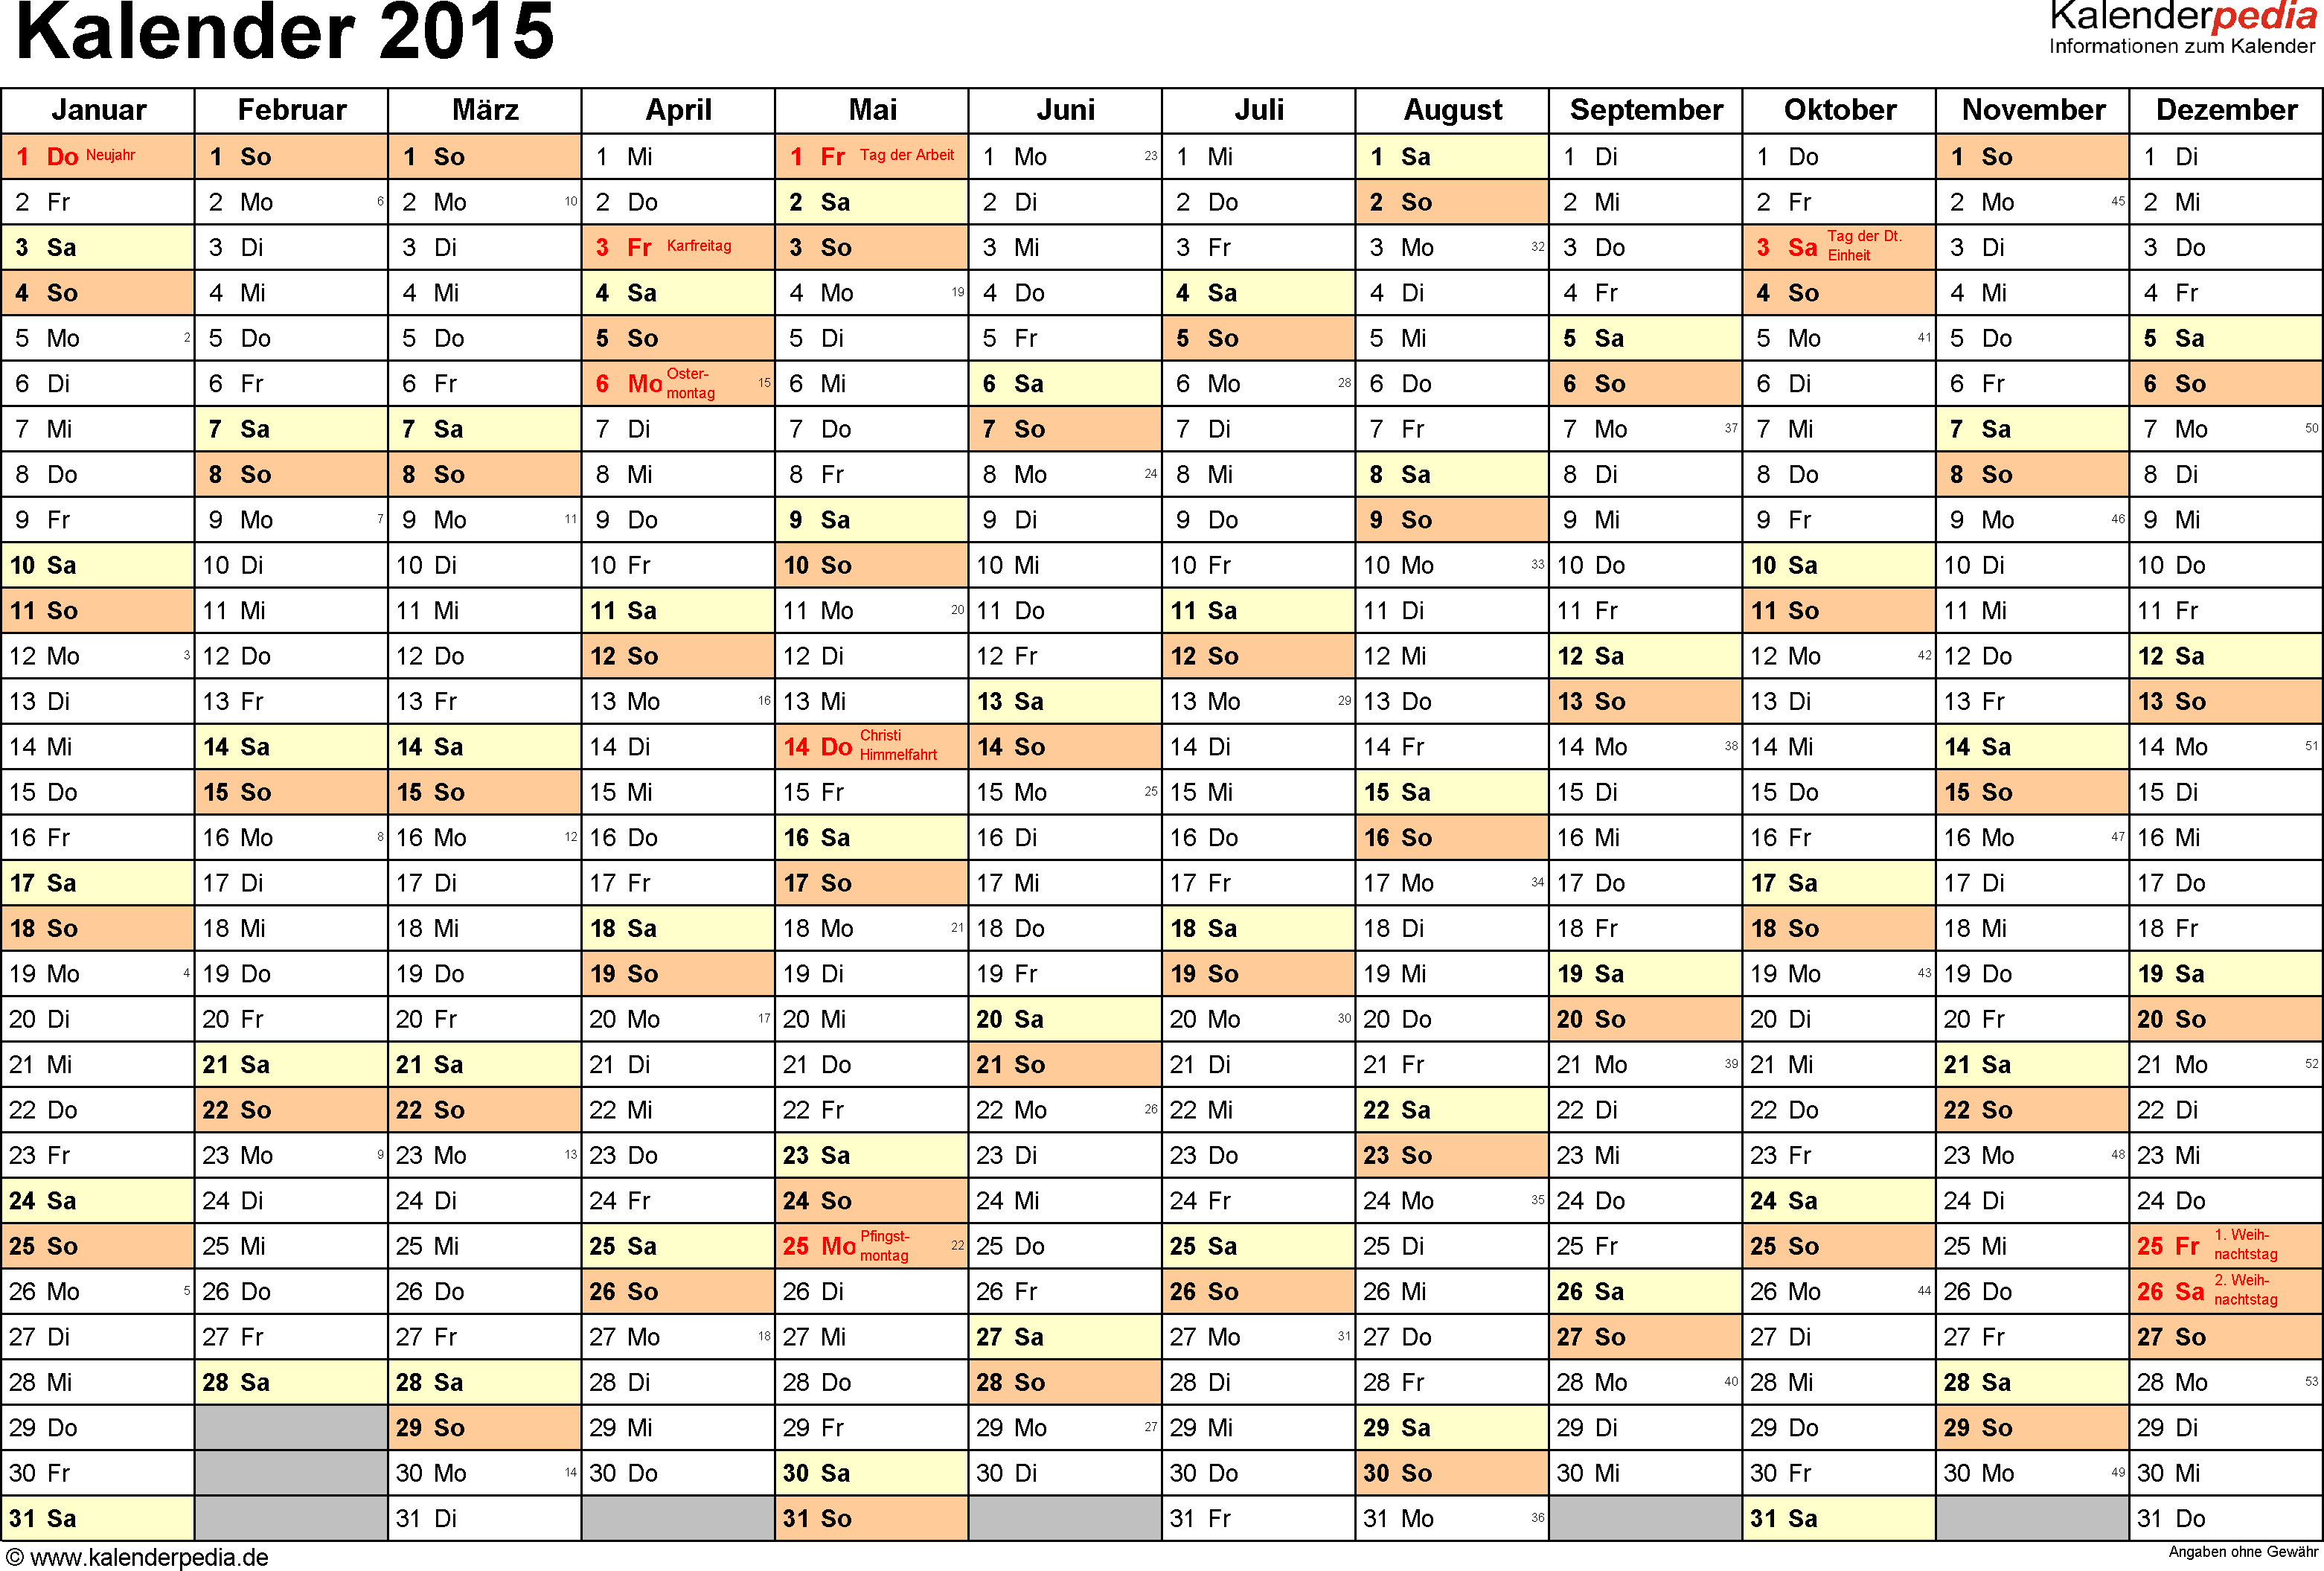 <span style=white-space:nowrap;>Word-Kalender 2015 Vorlage 2: Querformat, 1 Seite, Monate nebeneinander